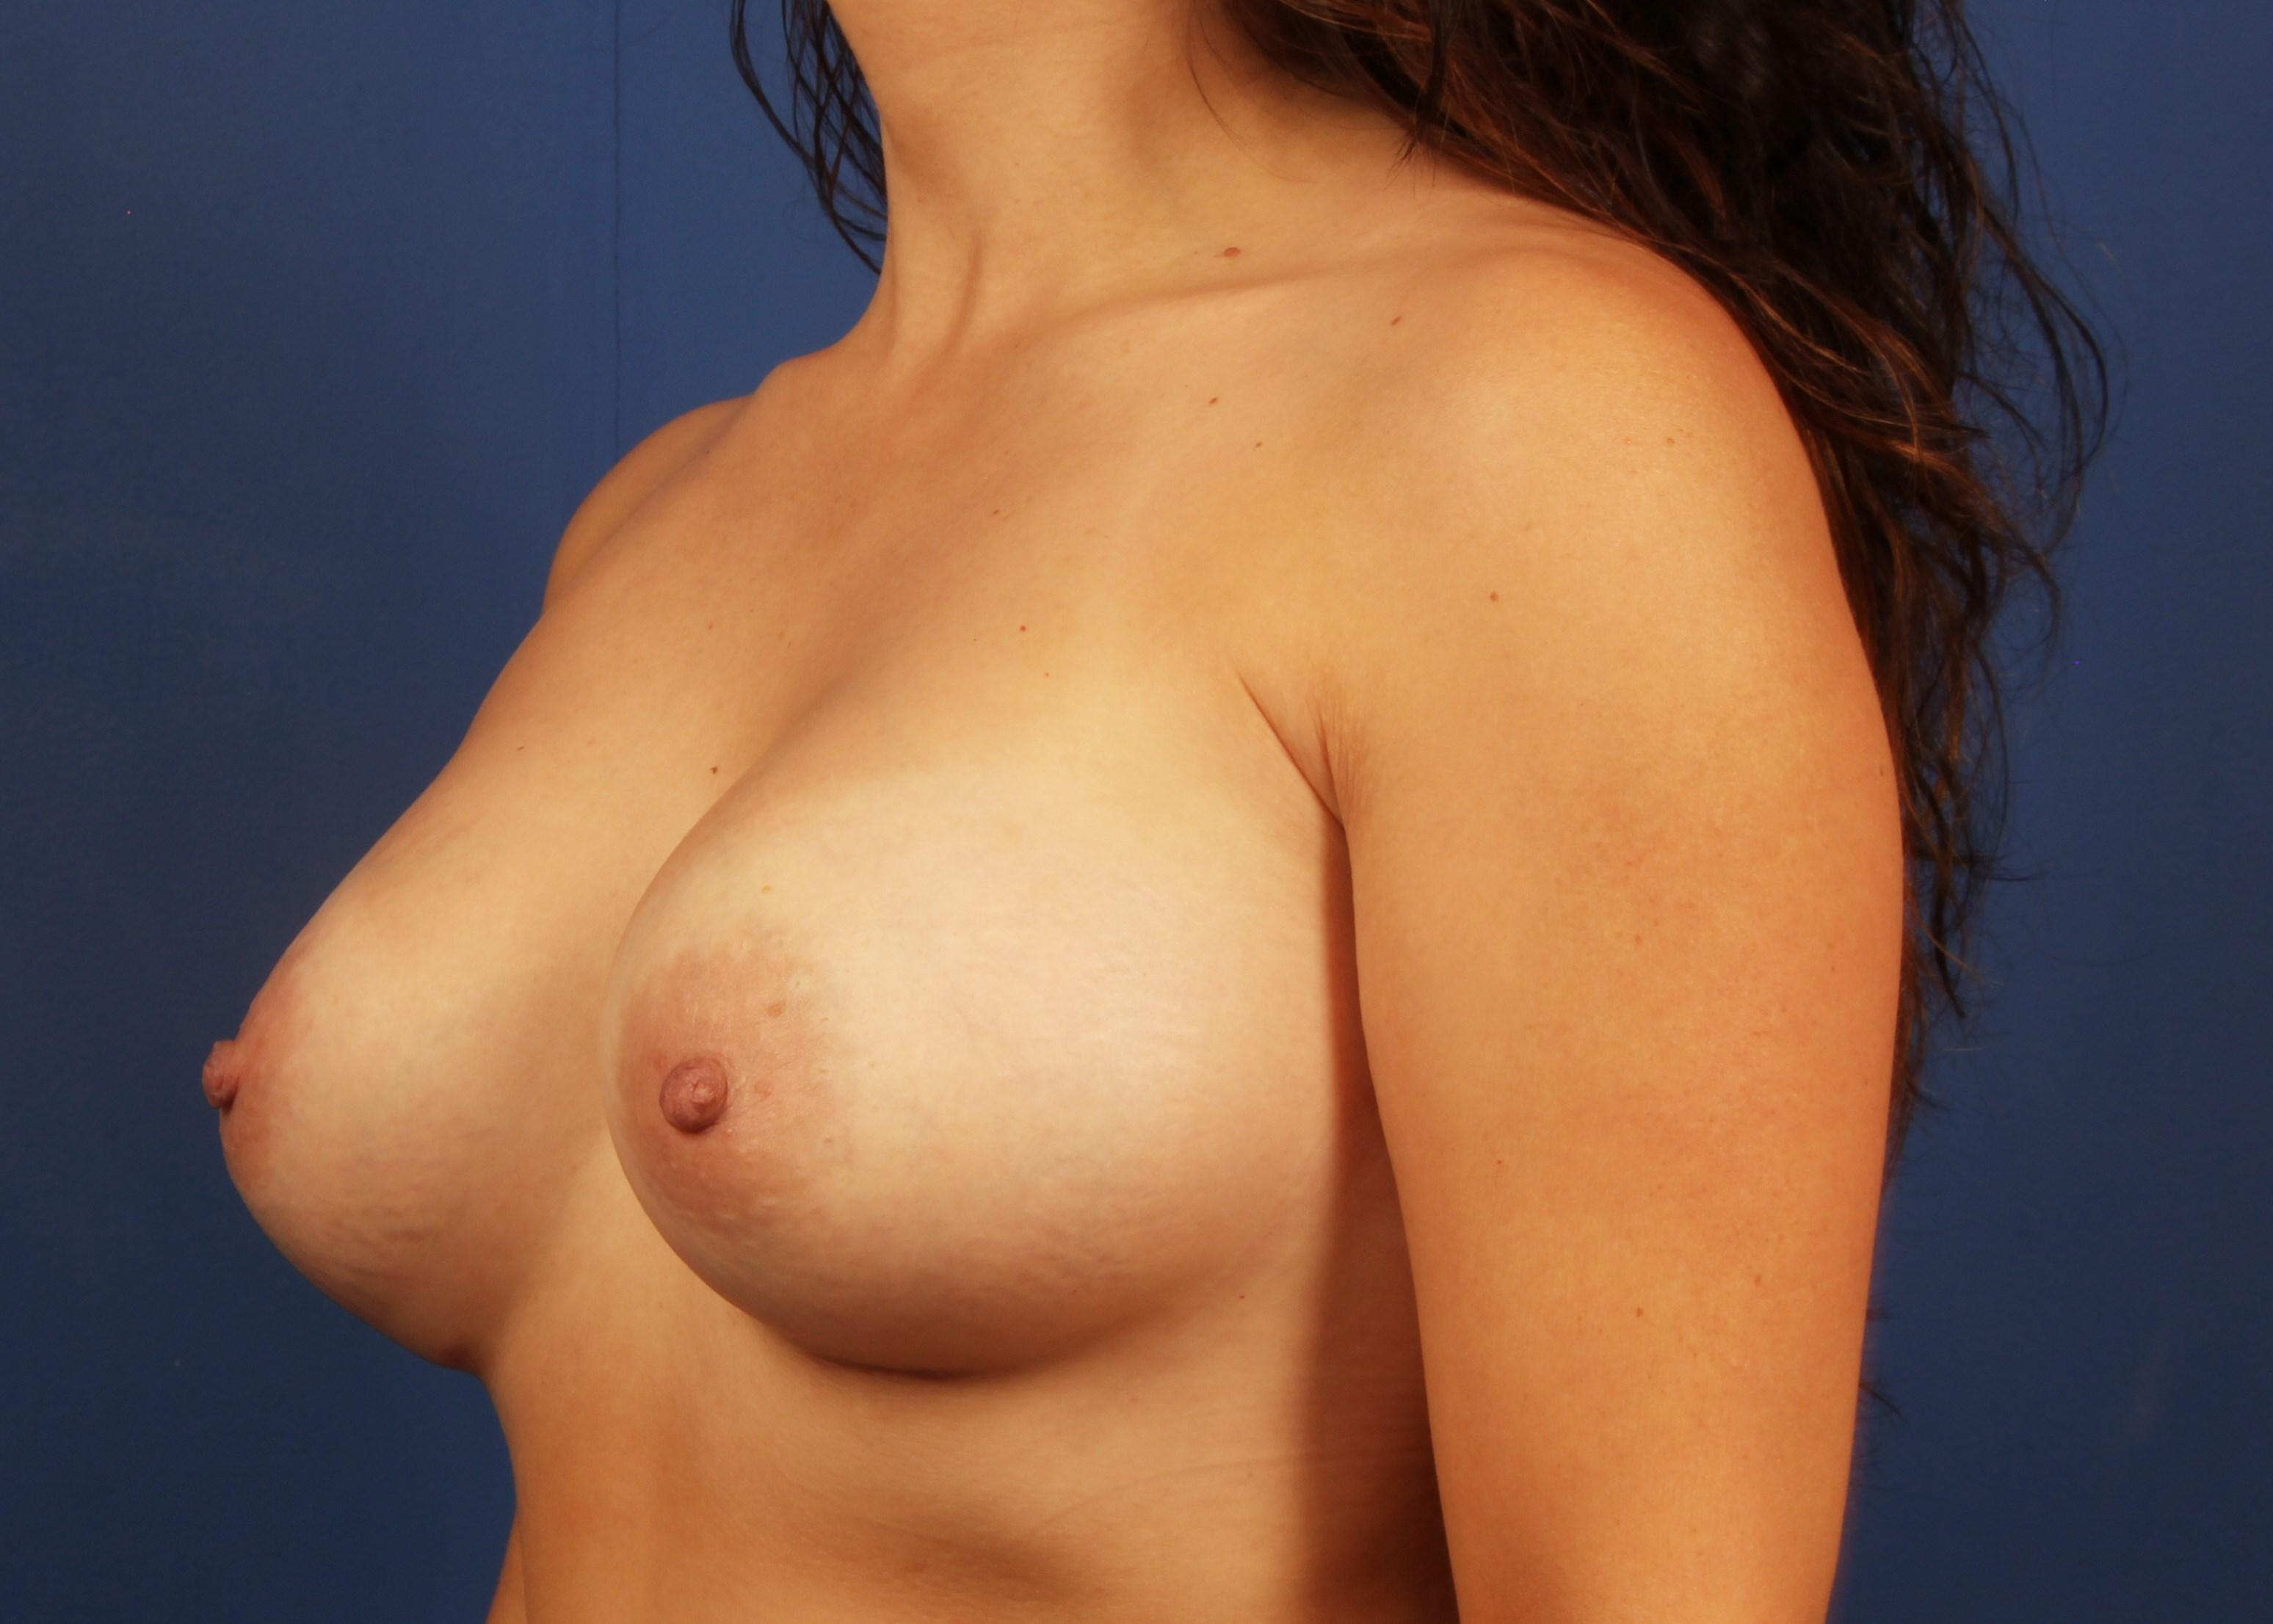 after breast implants Left Oblique View - Left Oblique View